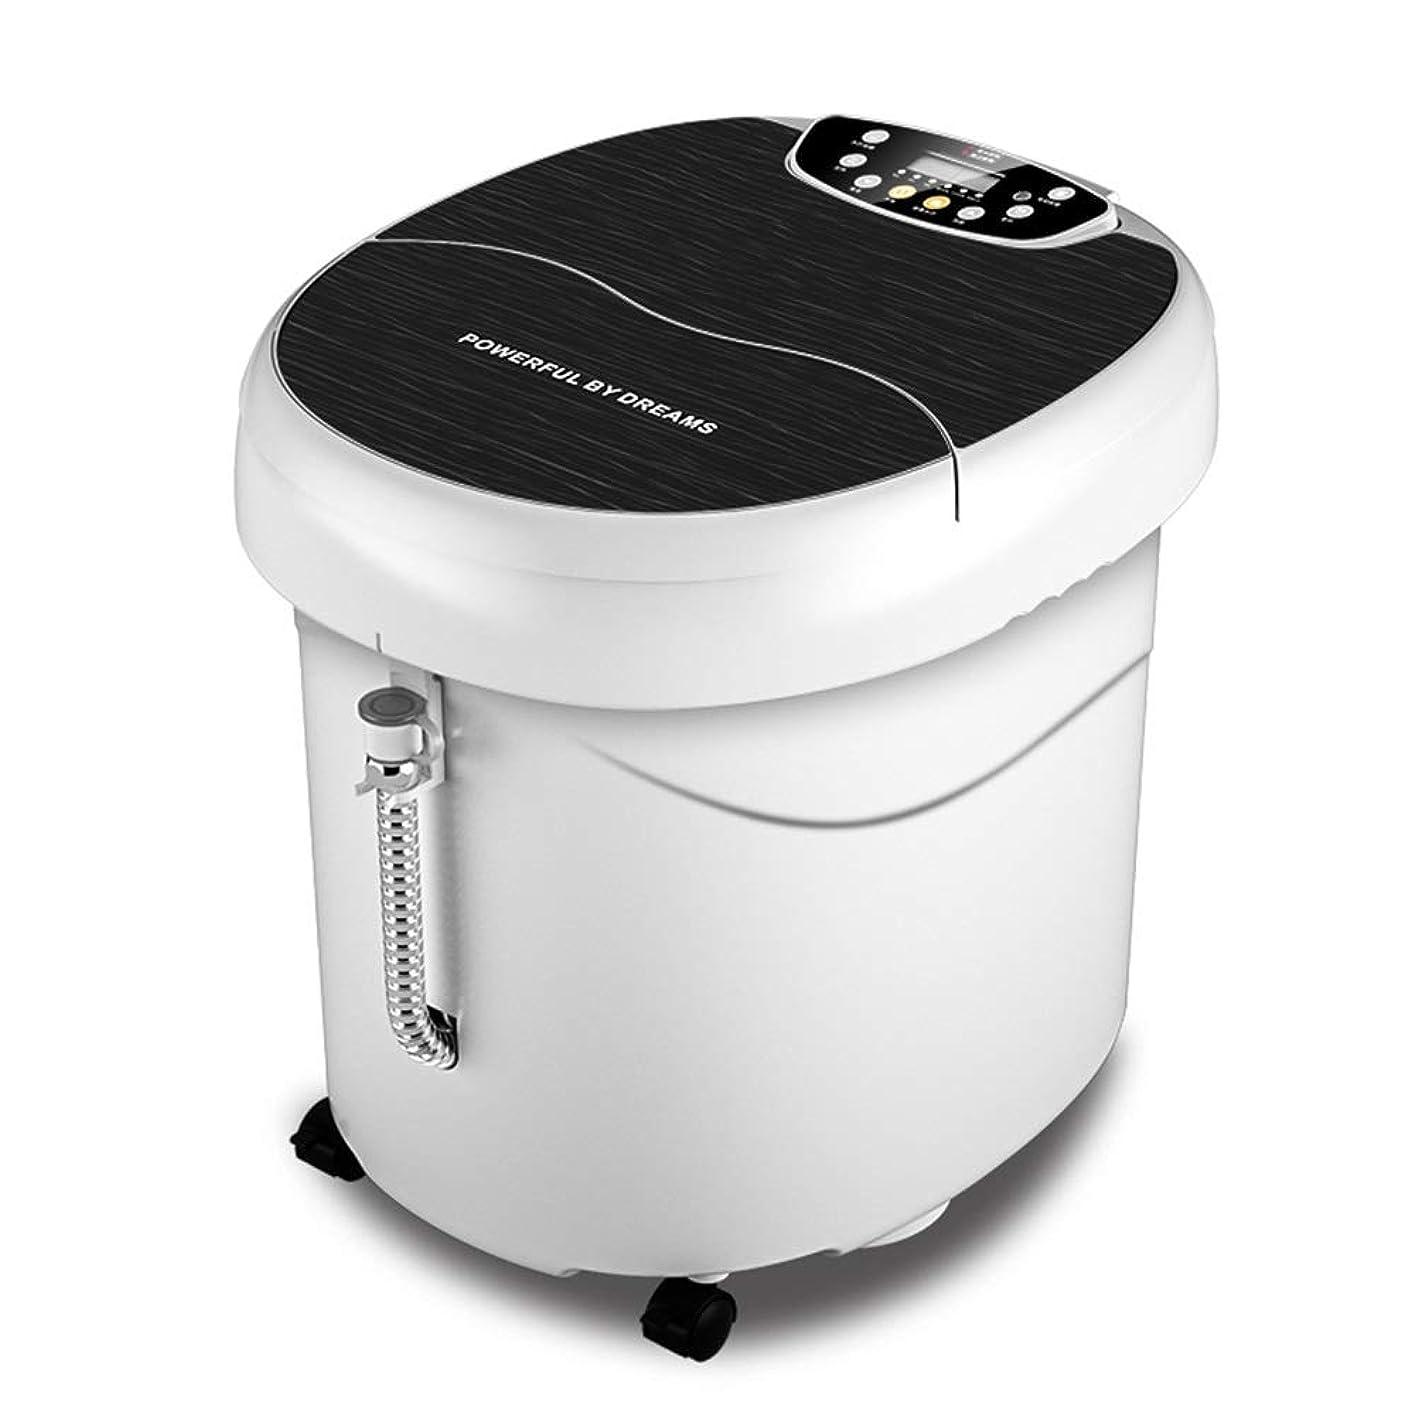 突破口資産気球WYQSZ 電気マッサージフットバス、ホーム自動スパ機、恒温暖房フットバスバレルフット洗濯機 (Color : Black)